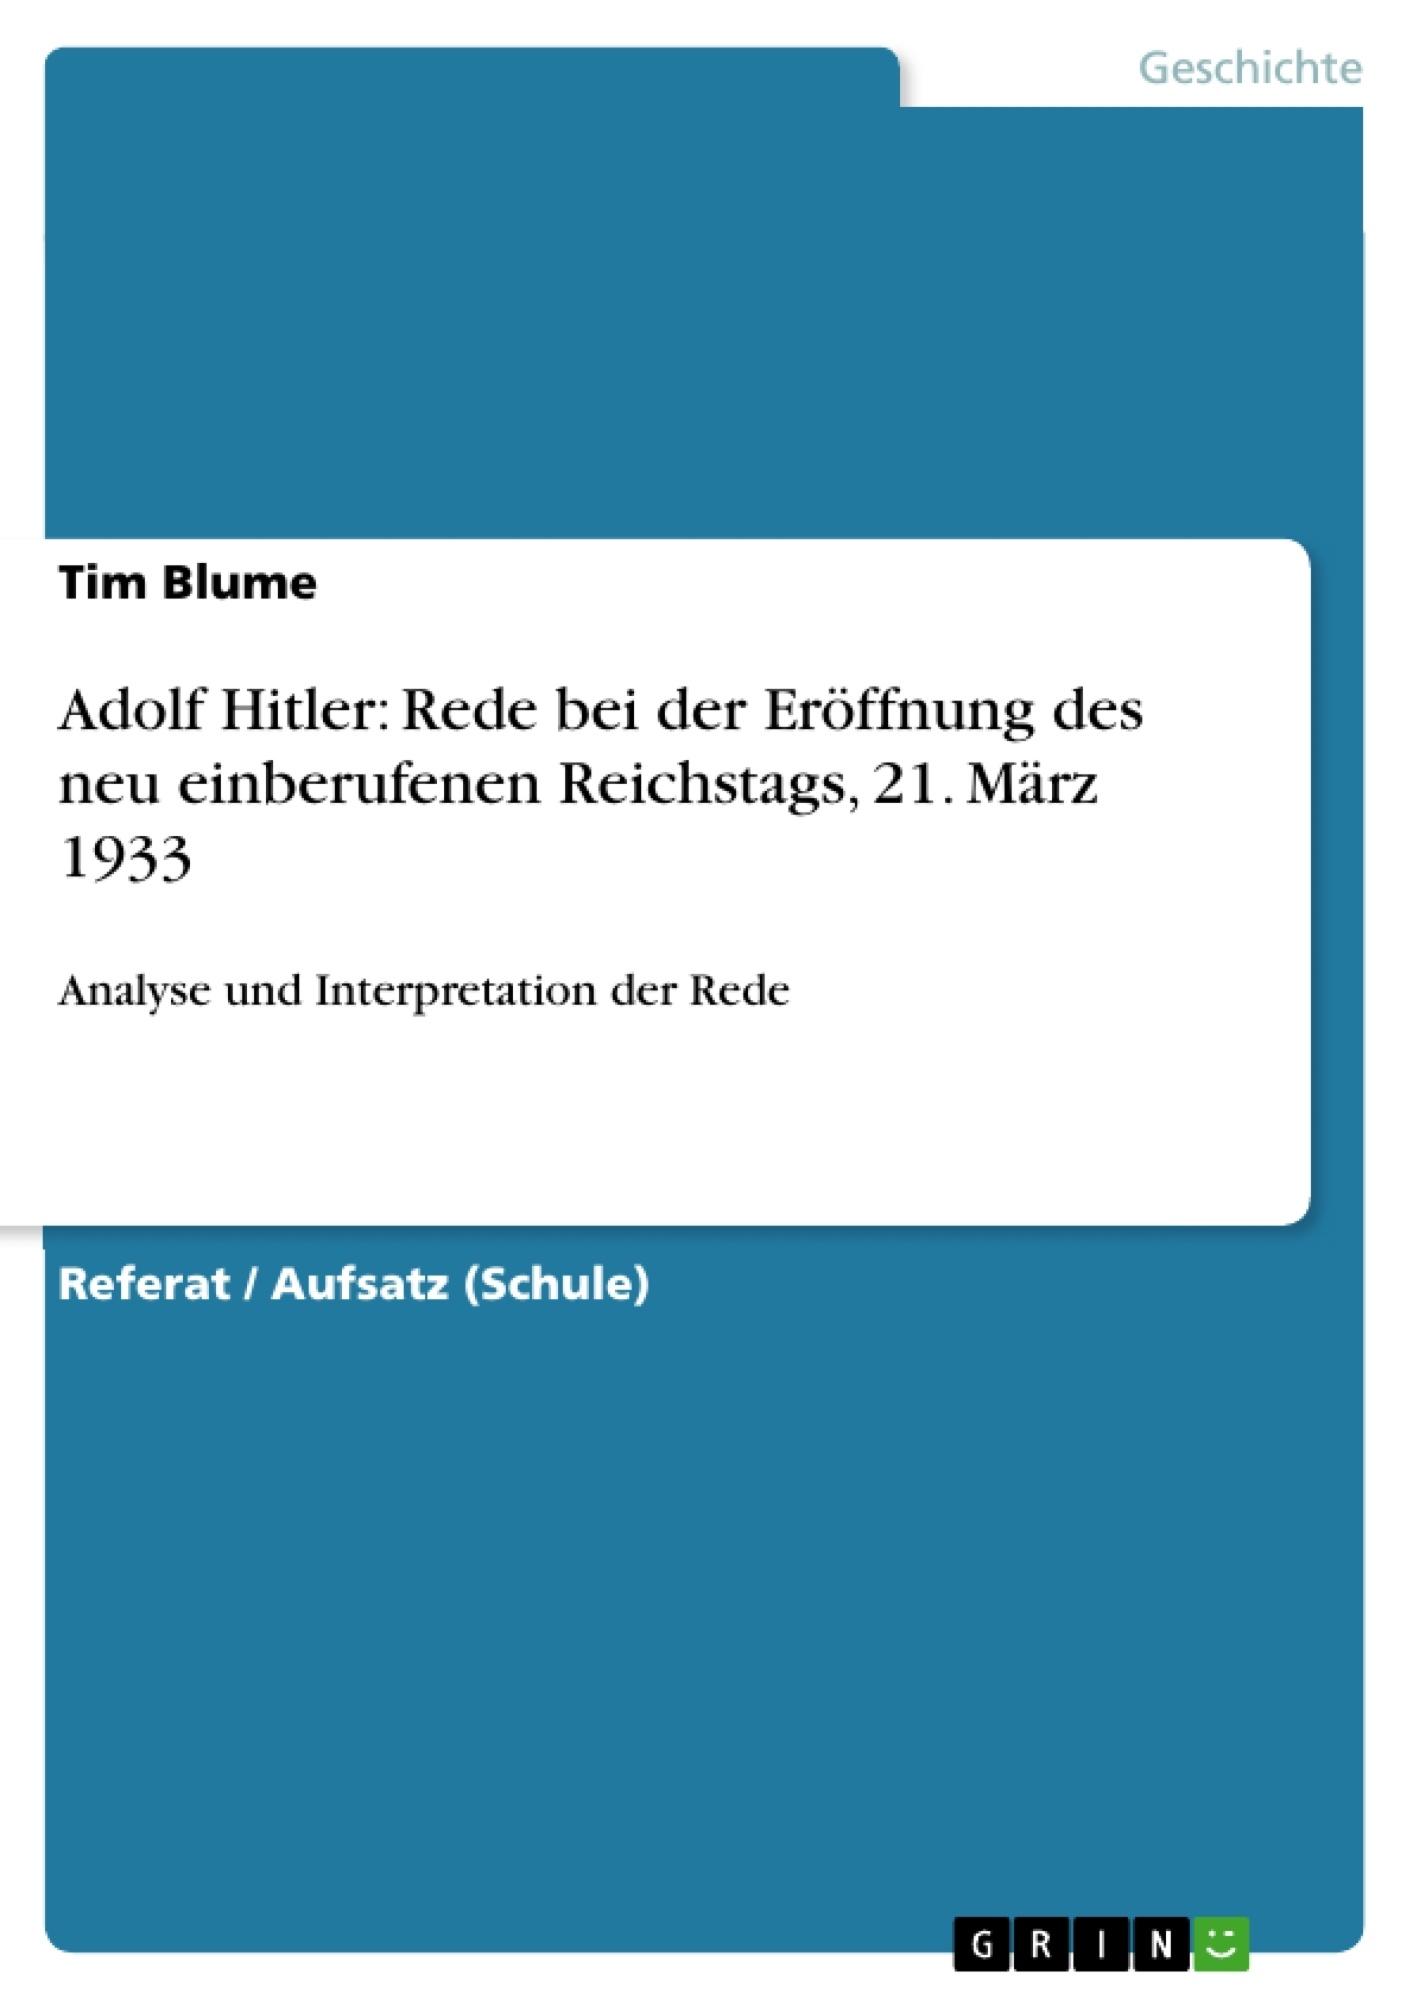 Titel: Adolf Hitler: Rede bei der Eröffnung des neu einberufenen Reichstags, 21. März 1933